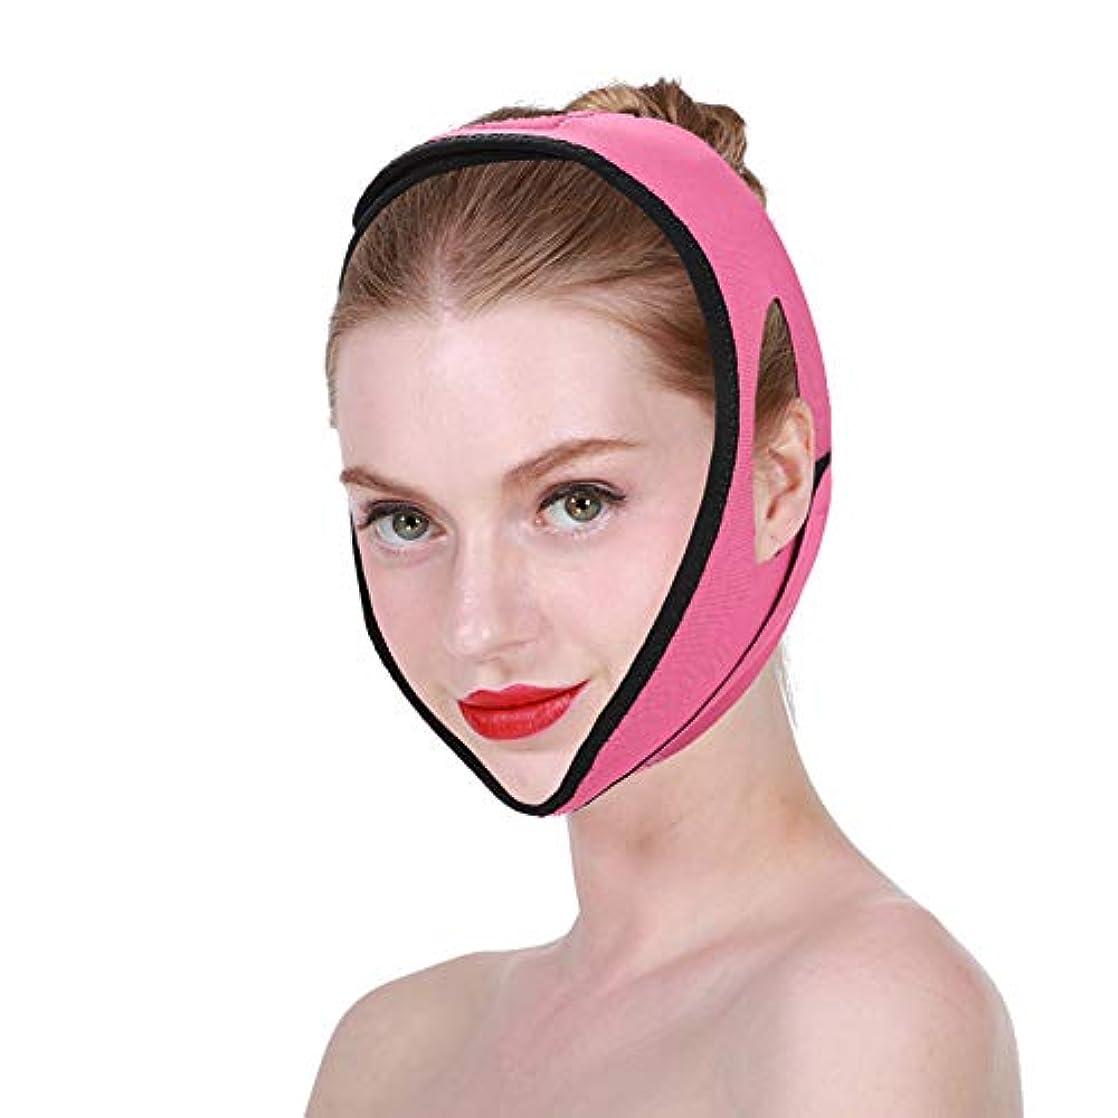 故国技術貢献するフェイシャルスリミングマスク、フェイスベルト 顔の包帯スリミングダブルチンVラインとフェイシャルケアファーミングスキン超薄型 クラインベルト (Red)